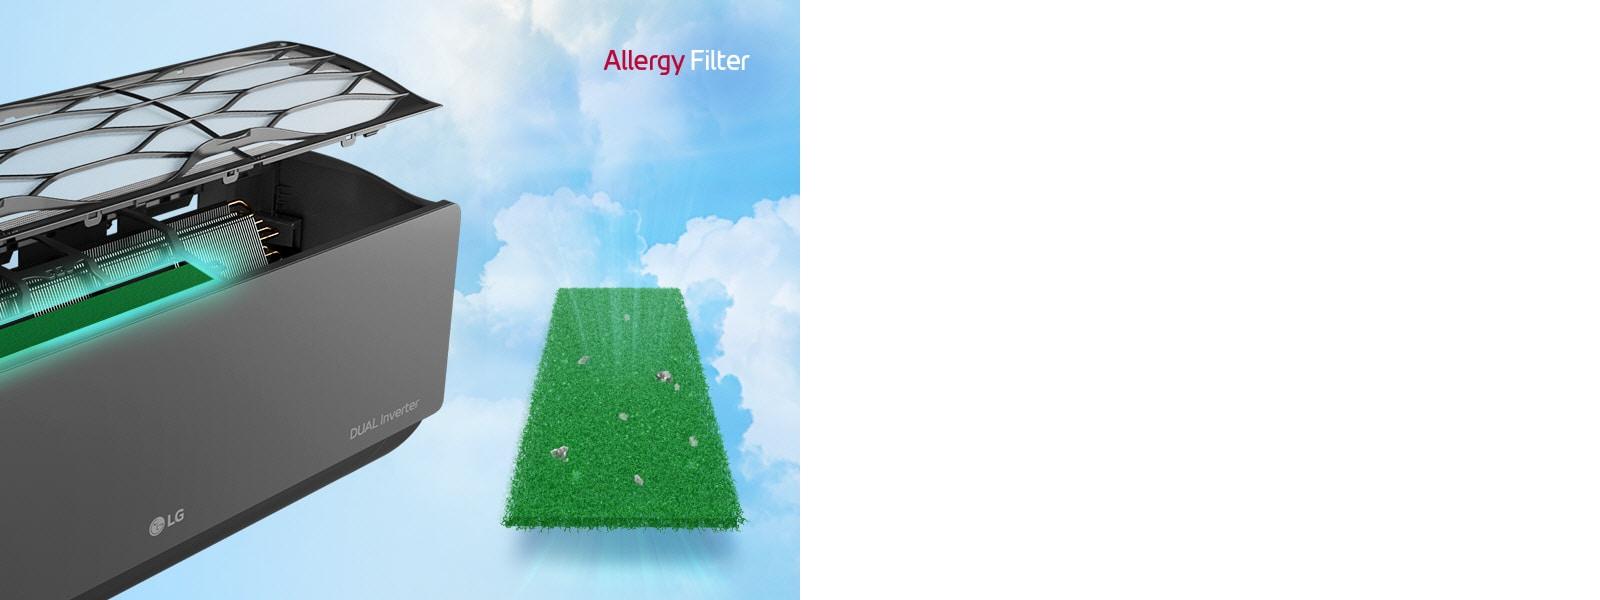 Klima-uređaj prikazuje se iz bočnog kuta, a iznad njega lebde filtri kako bi se prikazao anitalergijski filtar ugrađen unutra. Pokraj uređaja nalazi se cijeli zeleni antialergijski filtar u kojem su uhvaćene grinje. Logotip AllergyFilter nalazi se u gornjem desnom kutu.